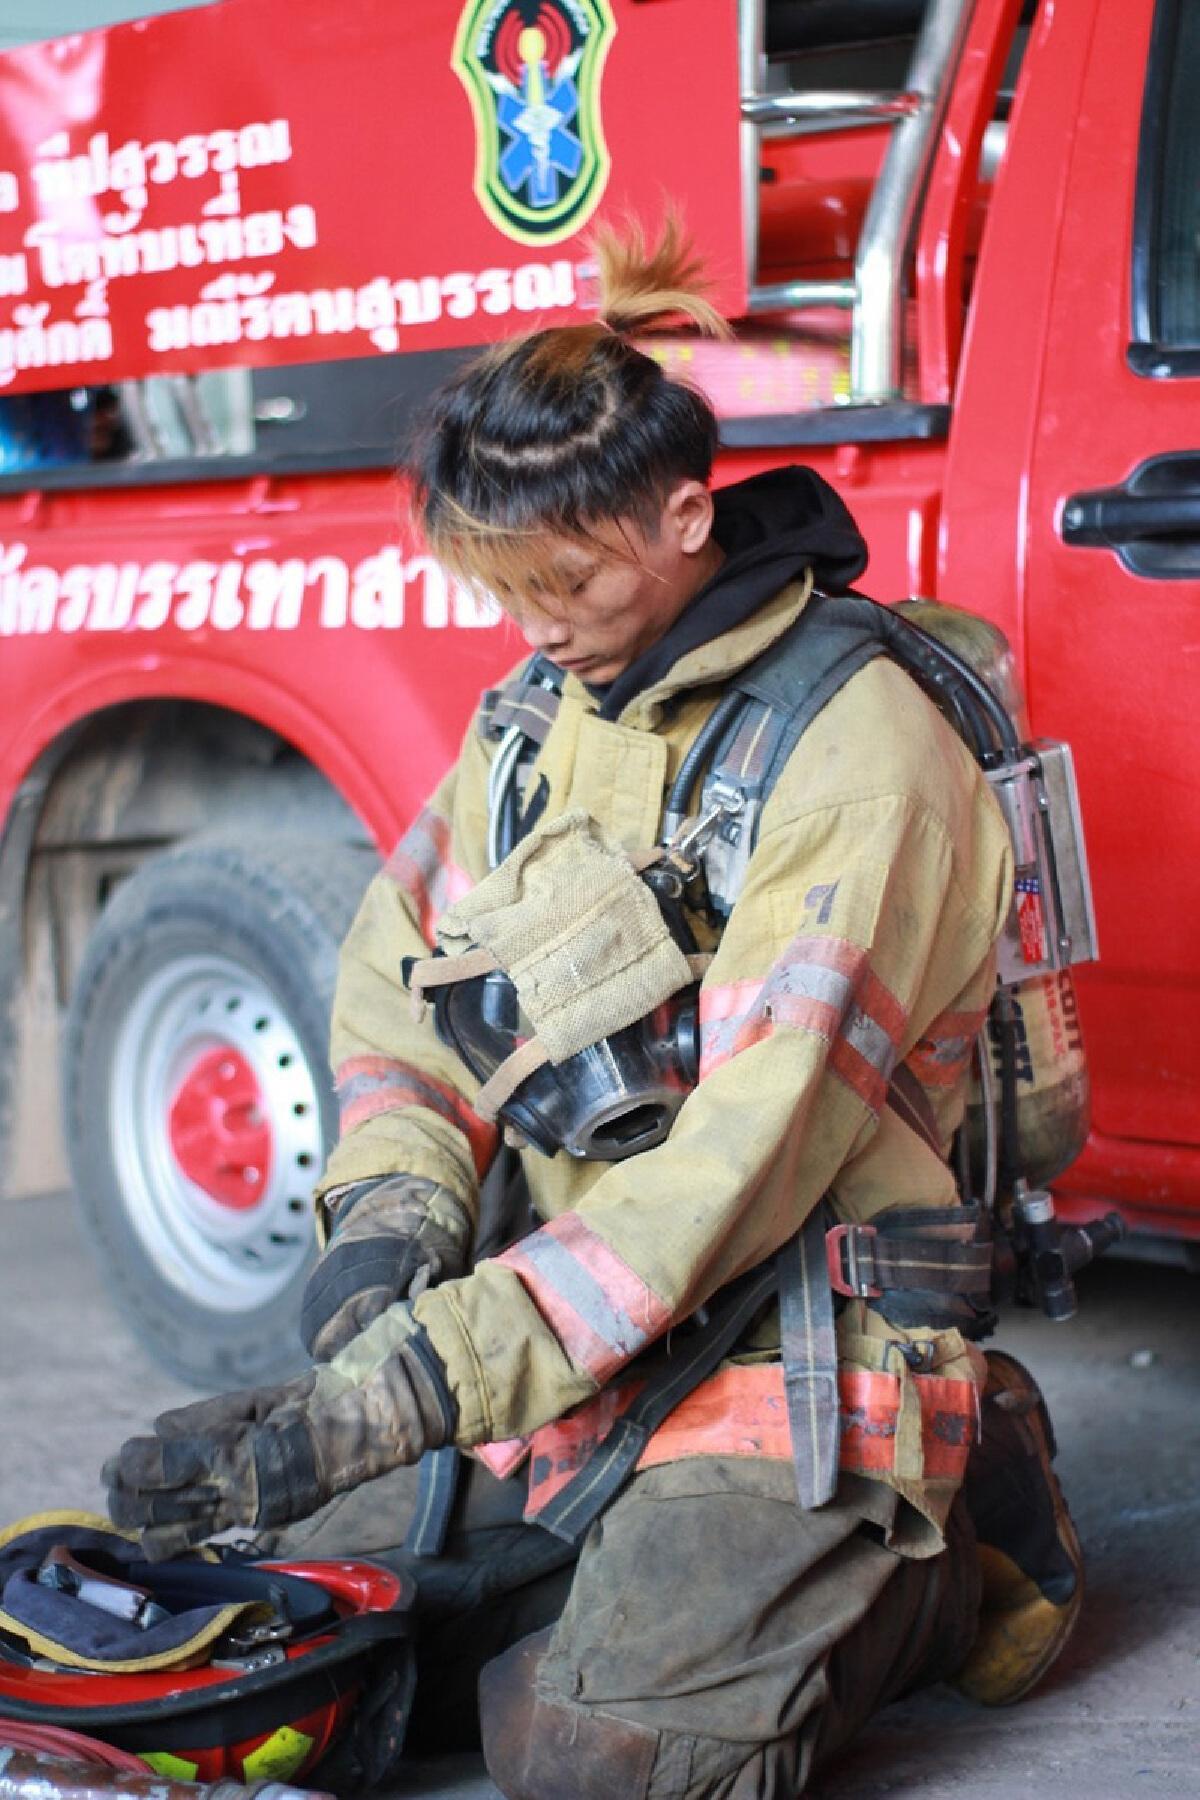 น้องพอส วีรบุรุษดับเพลิง